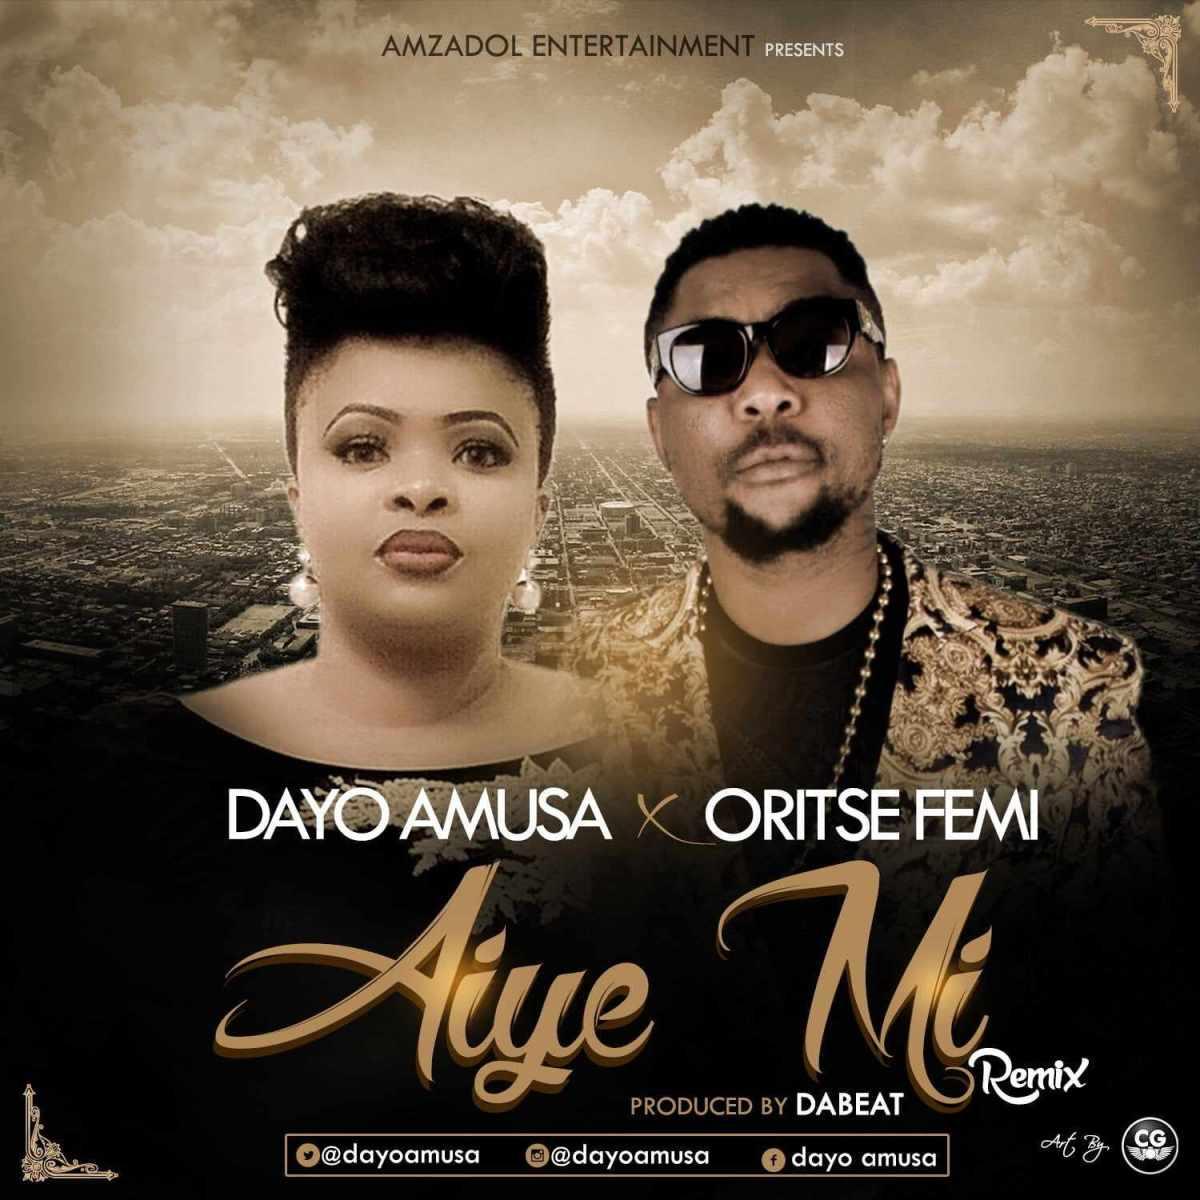 Download MP3: Dayo Amusa - Aye Mi [remix] ft. Oritse Femi | @dayoamusa